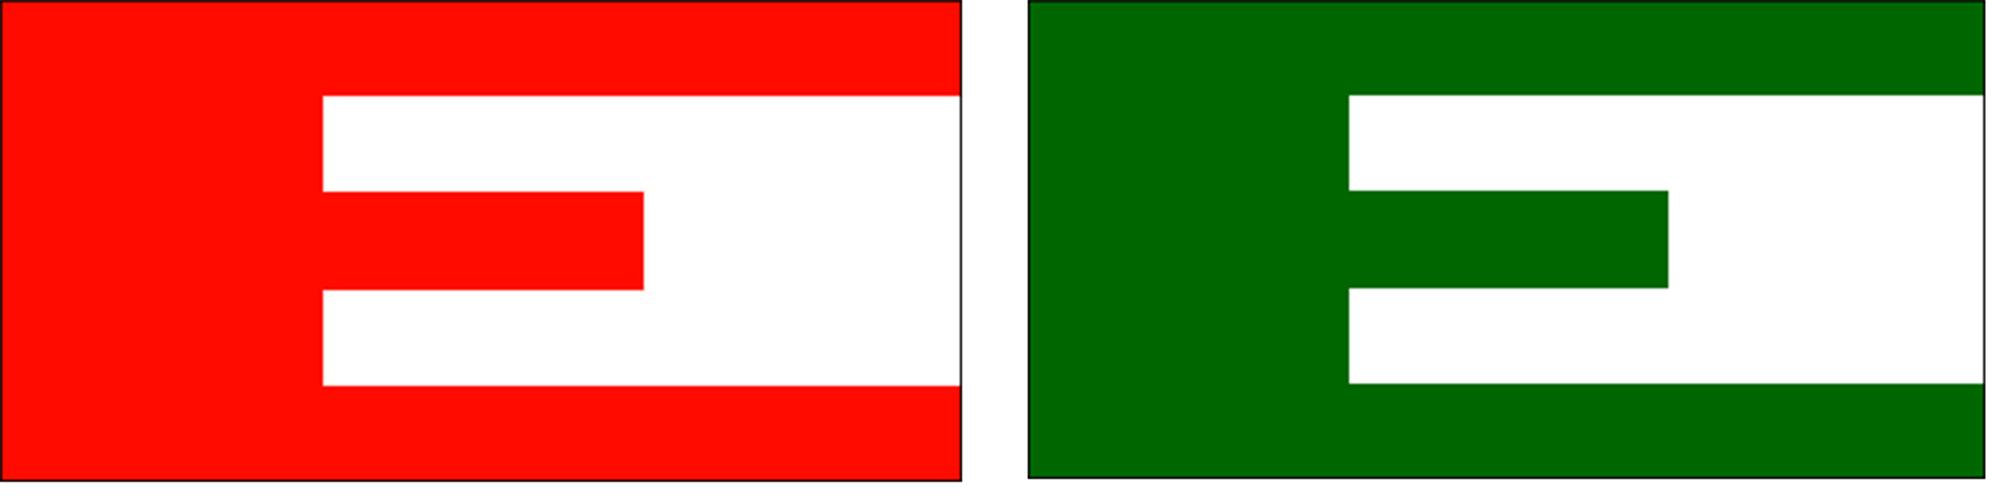 Europa vlaggen rood groen